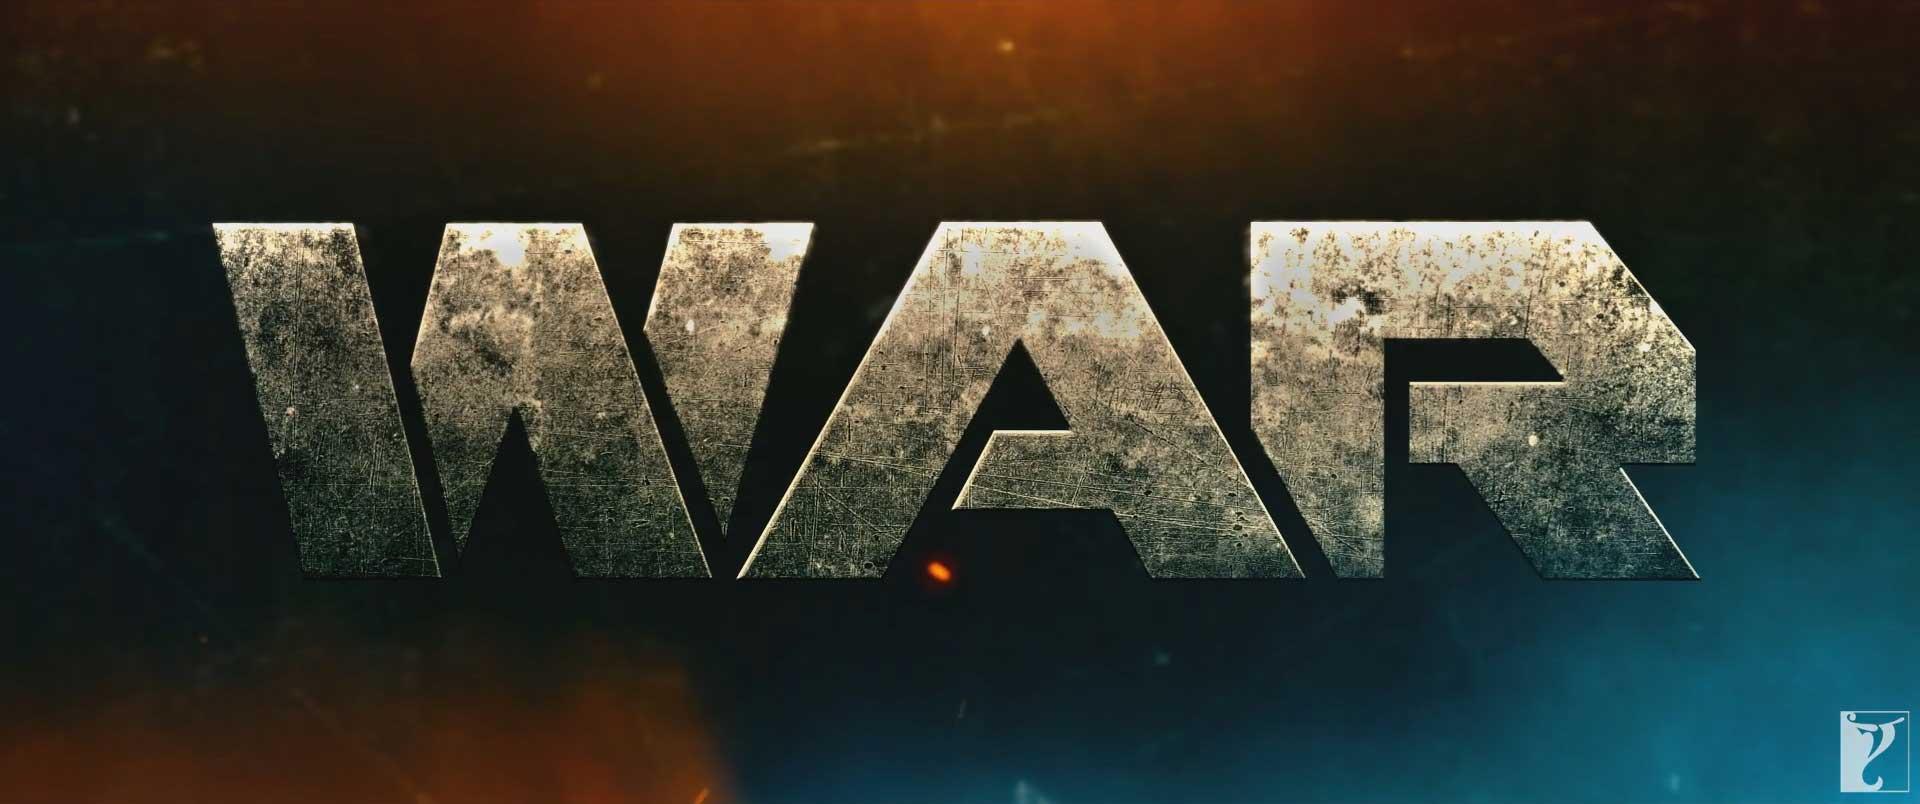 War Teaser Trailer Still 42.